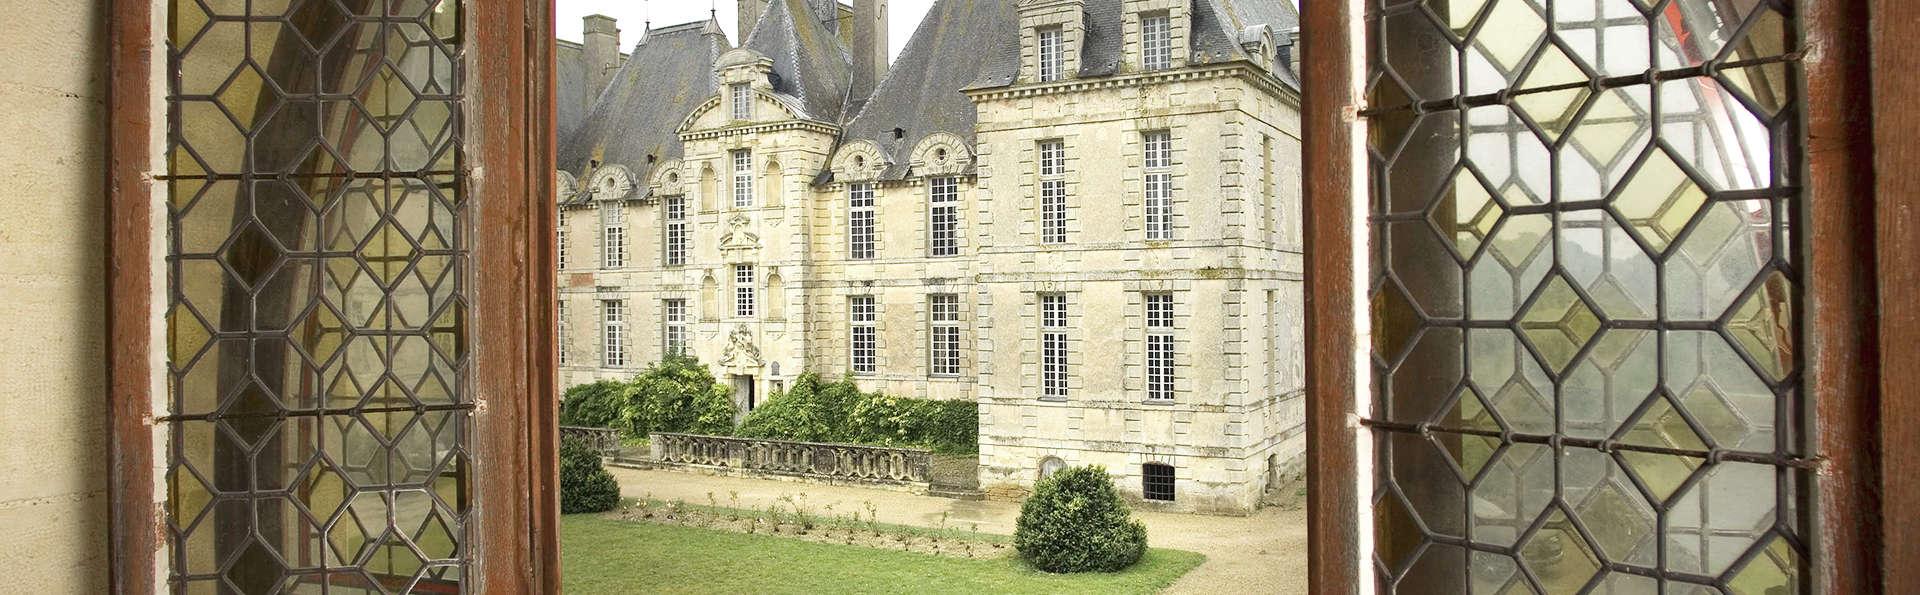 Château de Saint Loup - EDIT_Fachada_2.jpg